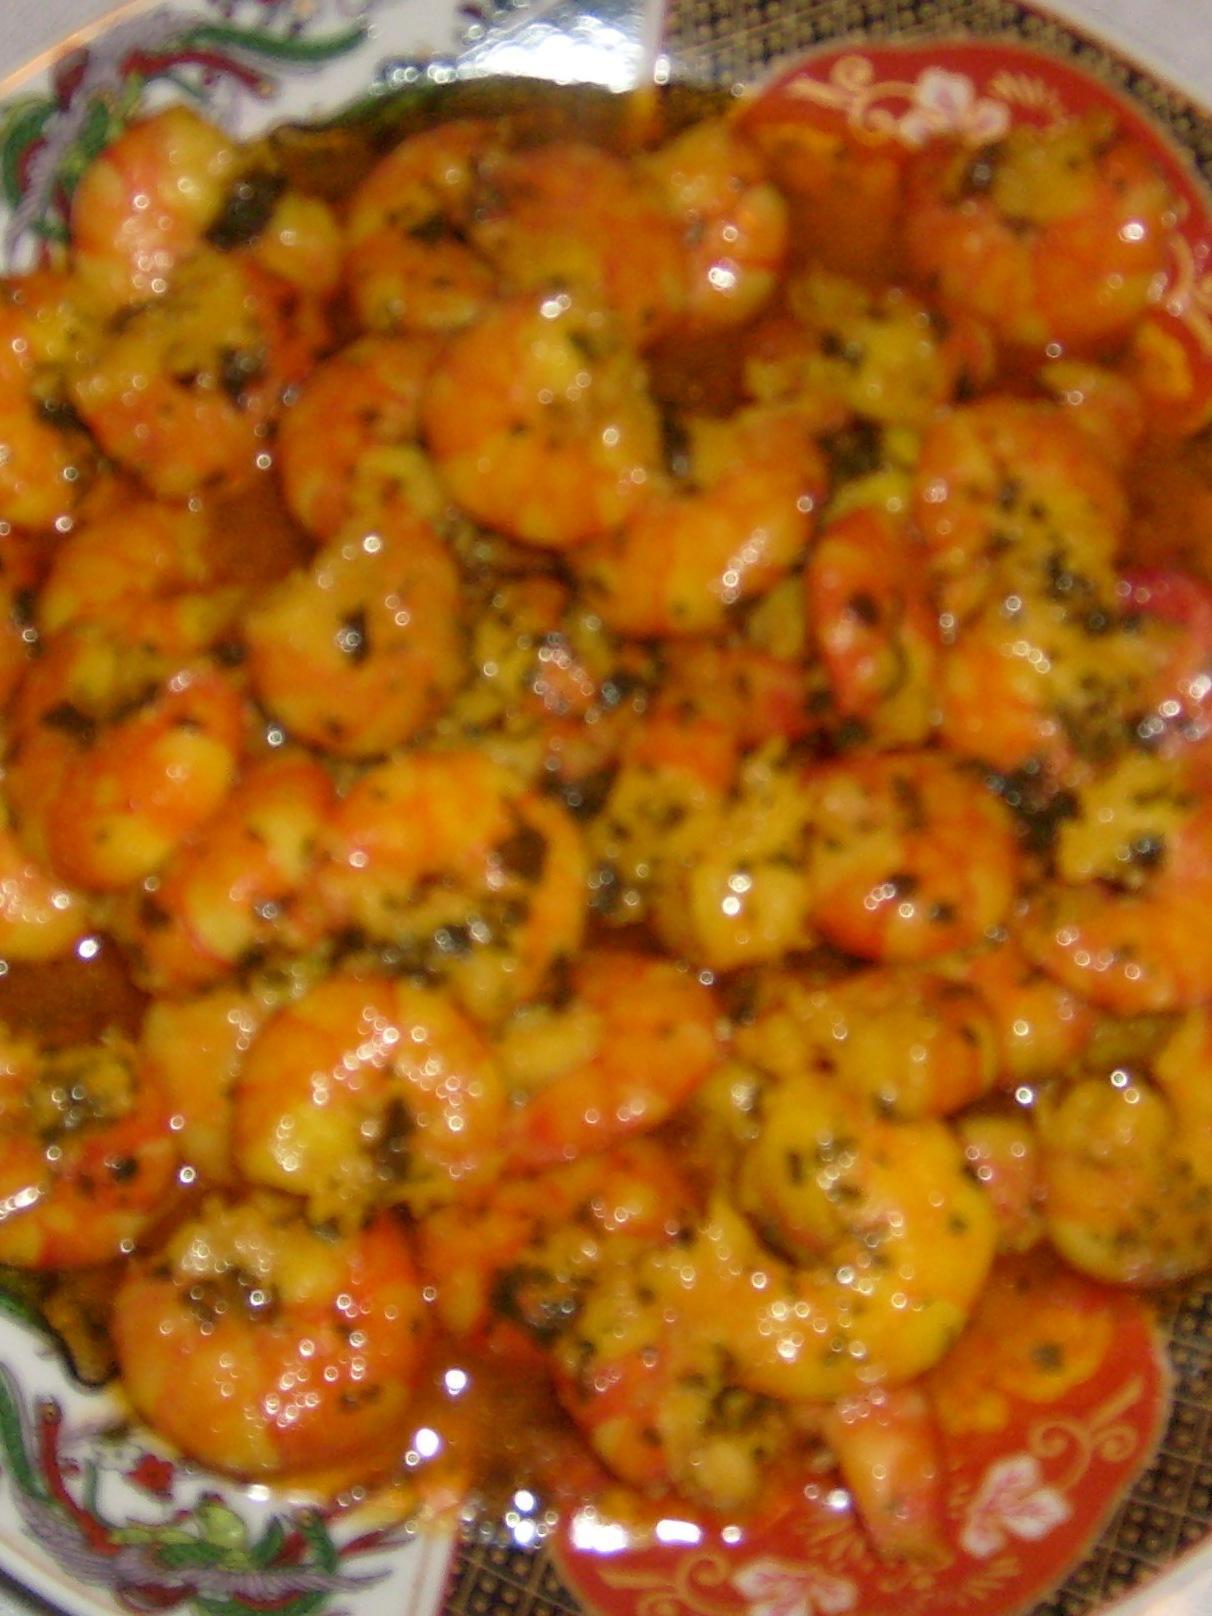 Poisson frit la sauce aux poivrons et scampis en sauce paperblog - Poisson a la poele ...